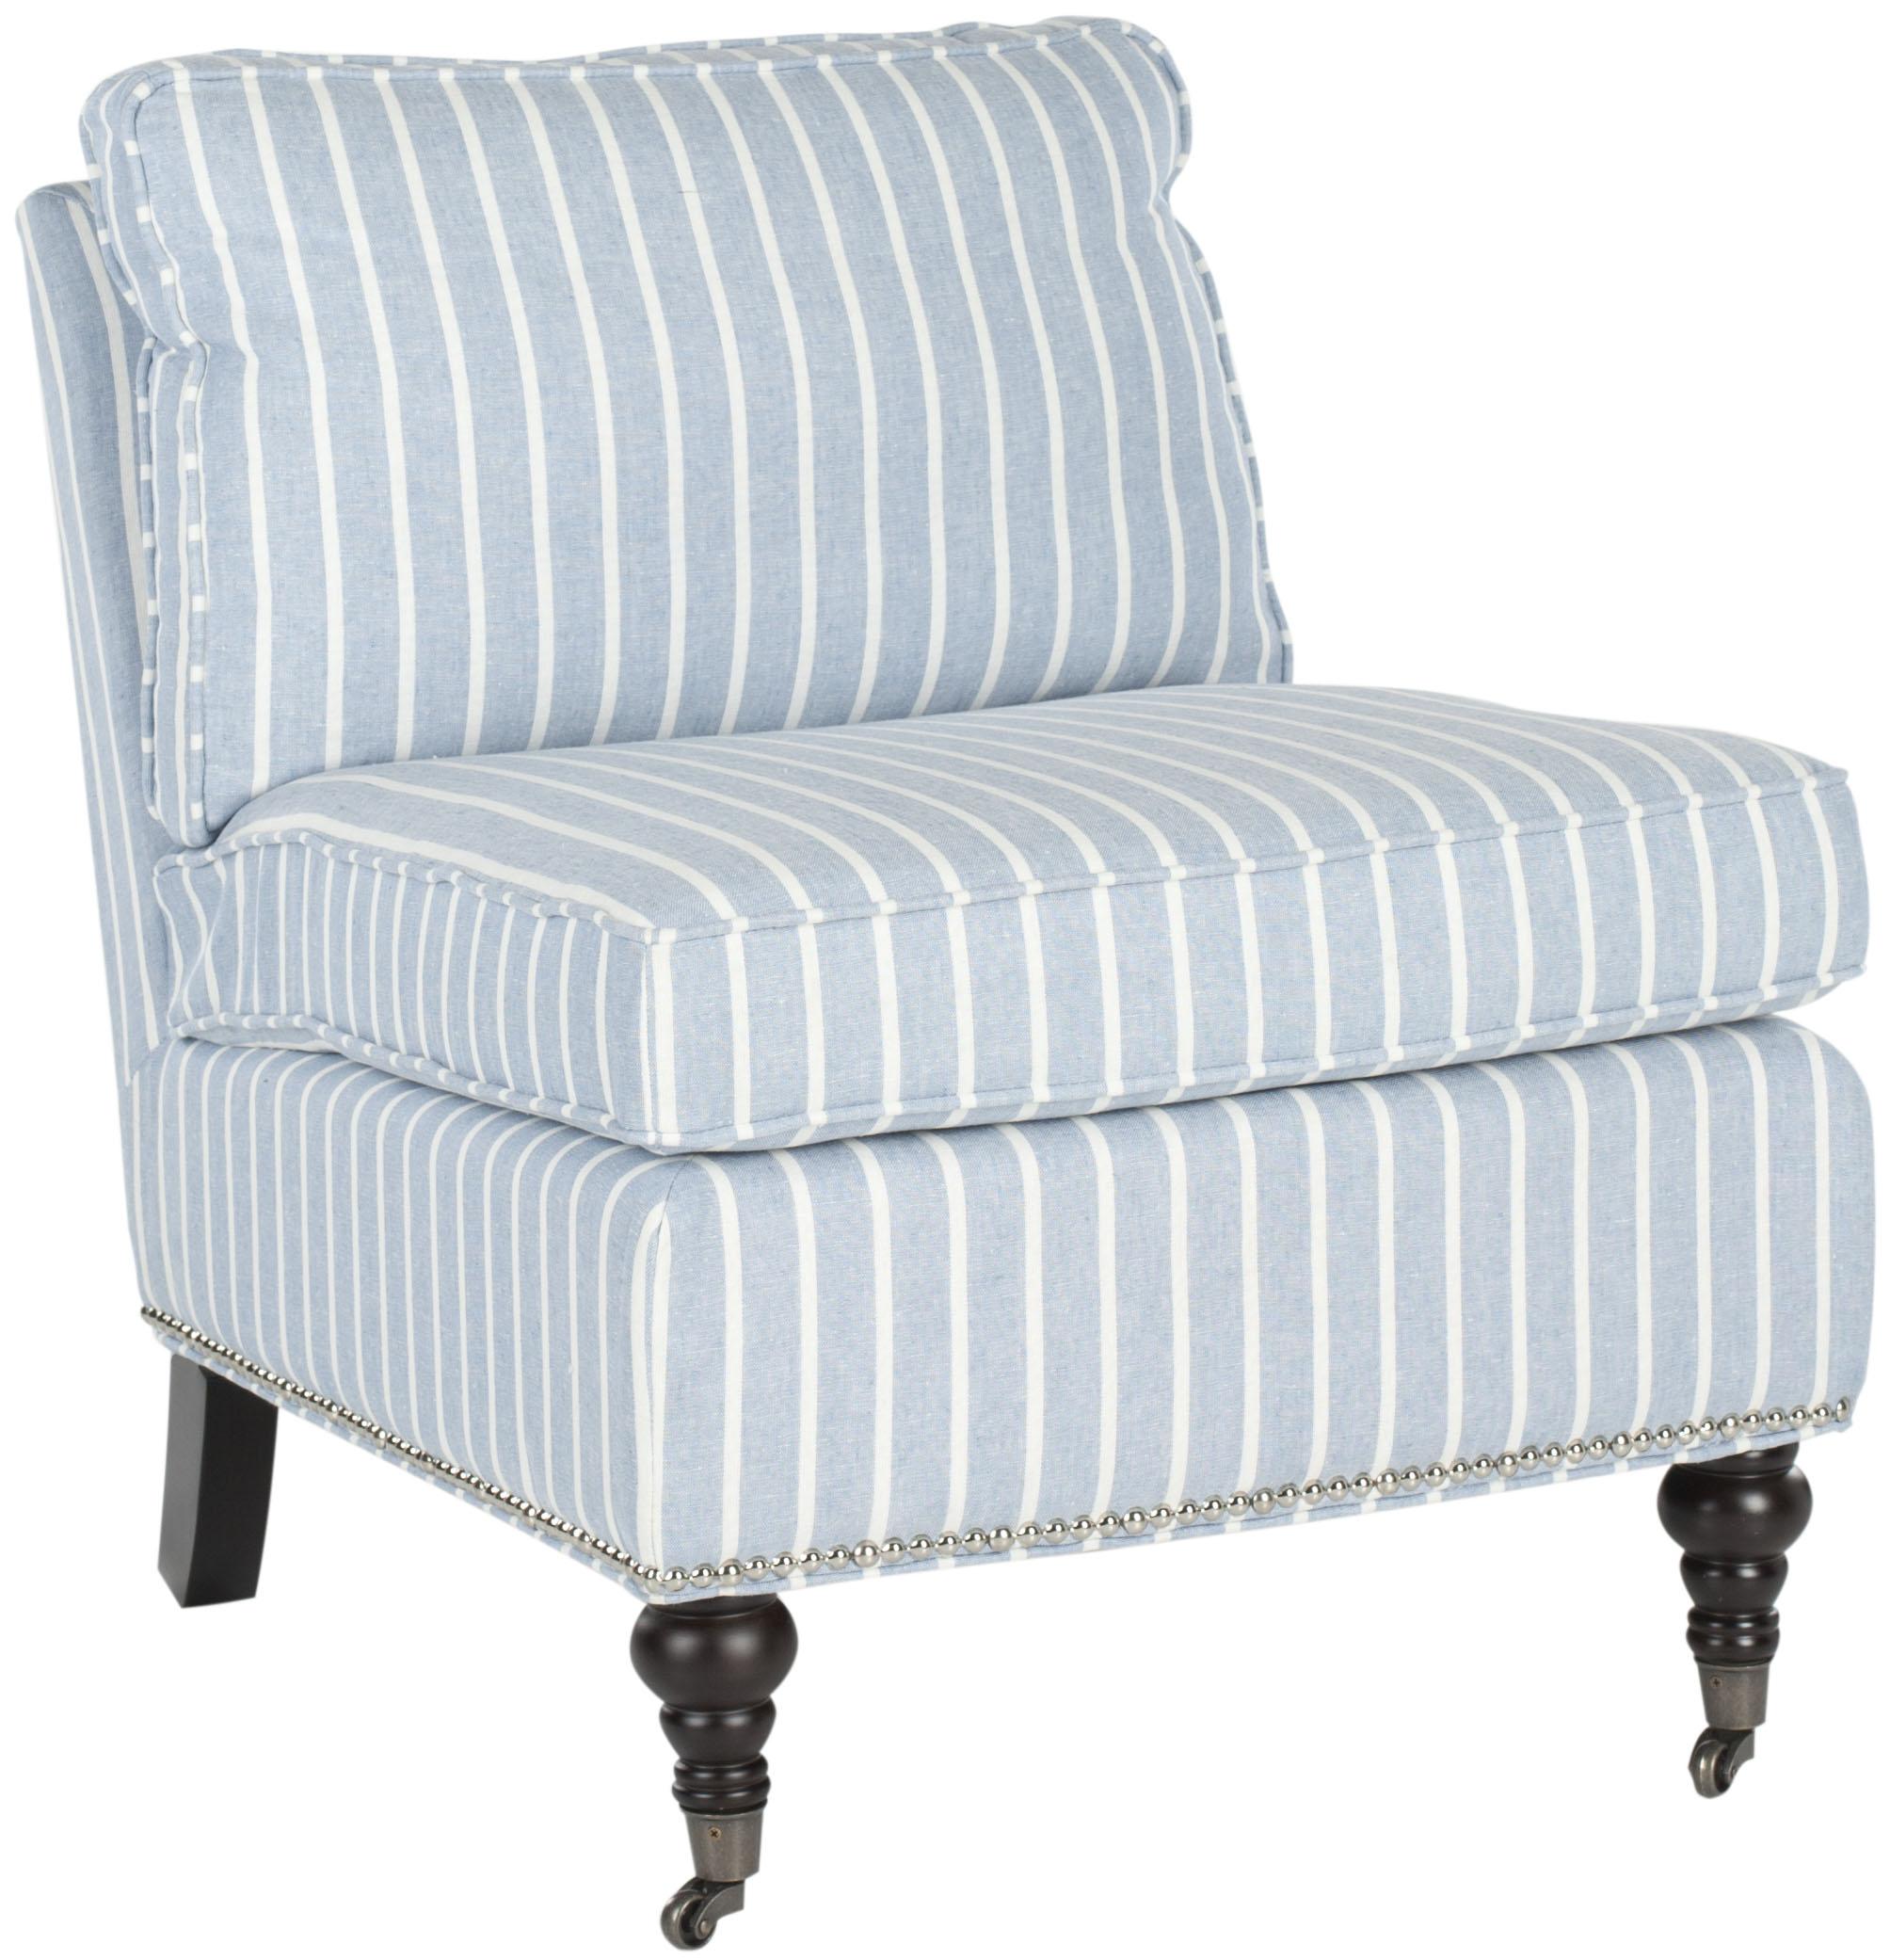 Randy Slipper Chair - Blue/White/Espresso - Arlo Home